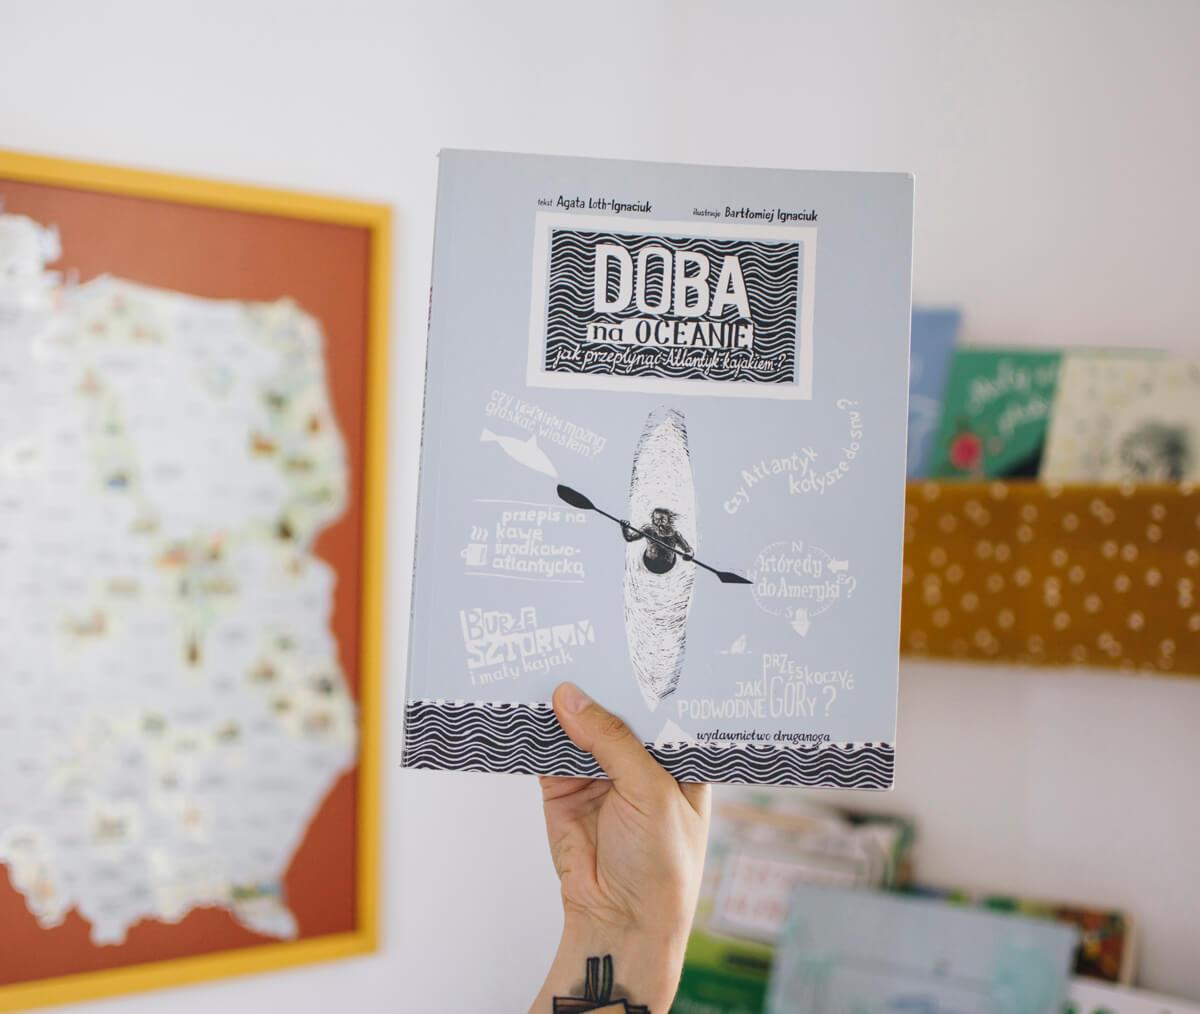 Agata Loth-Ignaciuk - Doba na oceanie